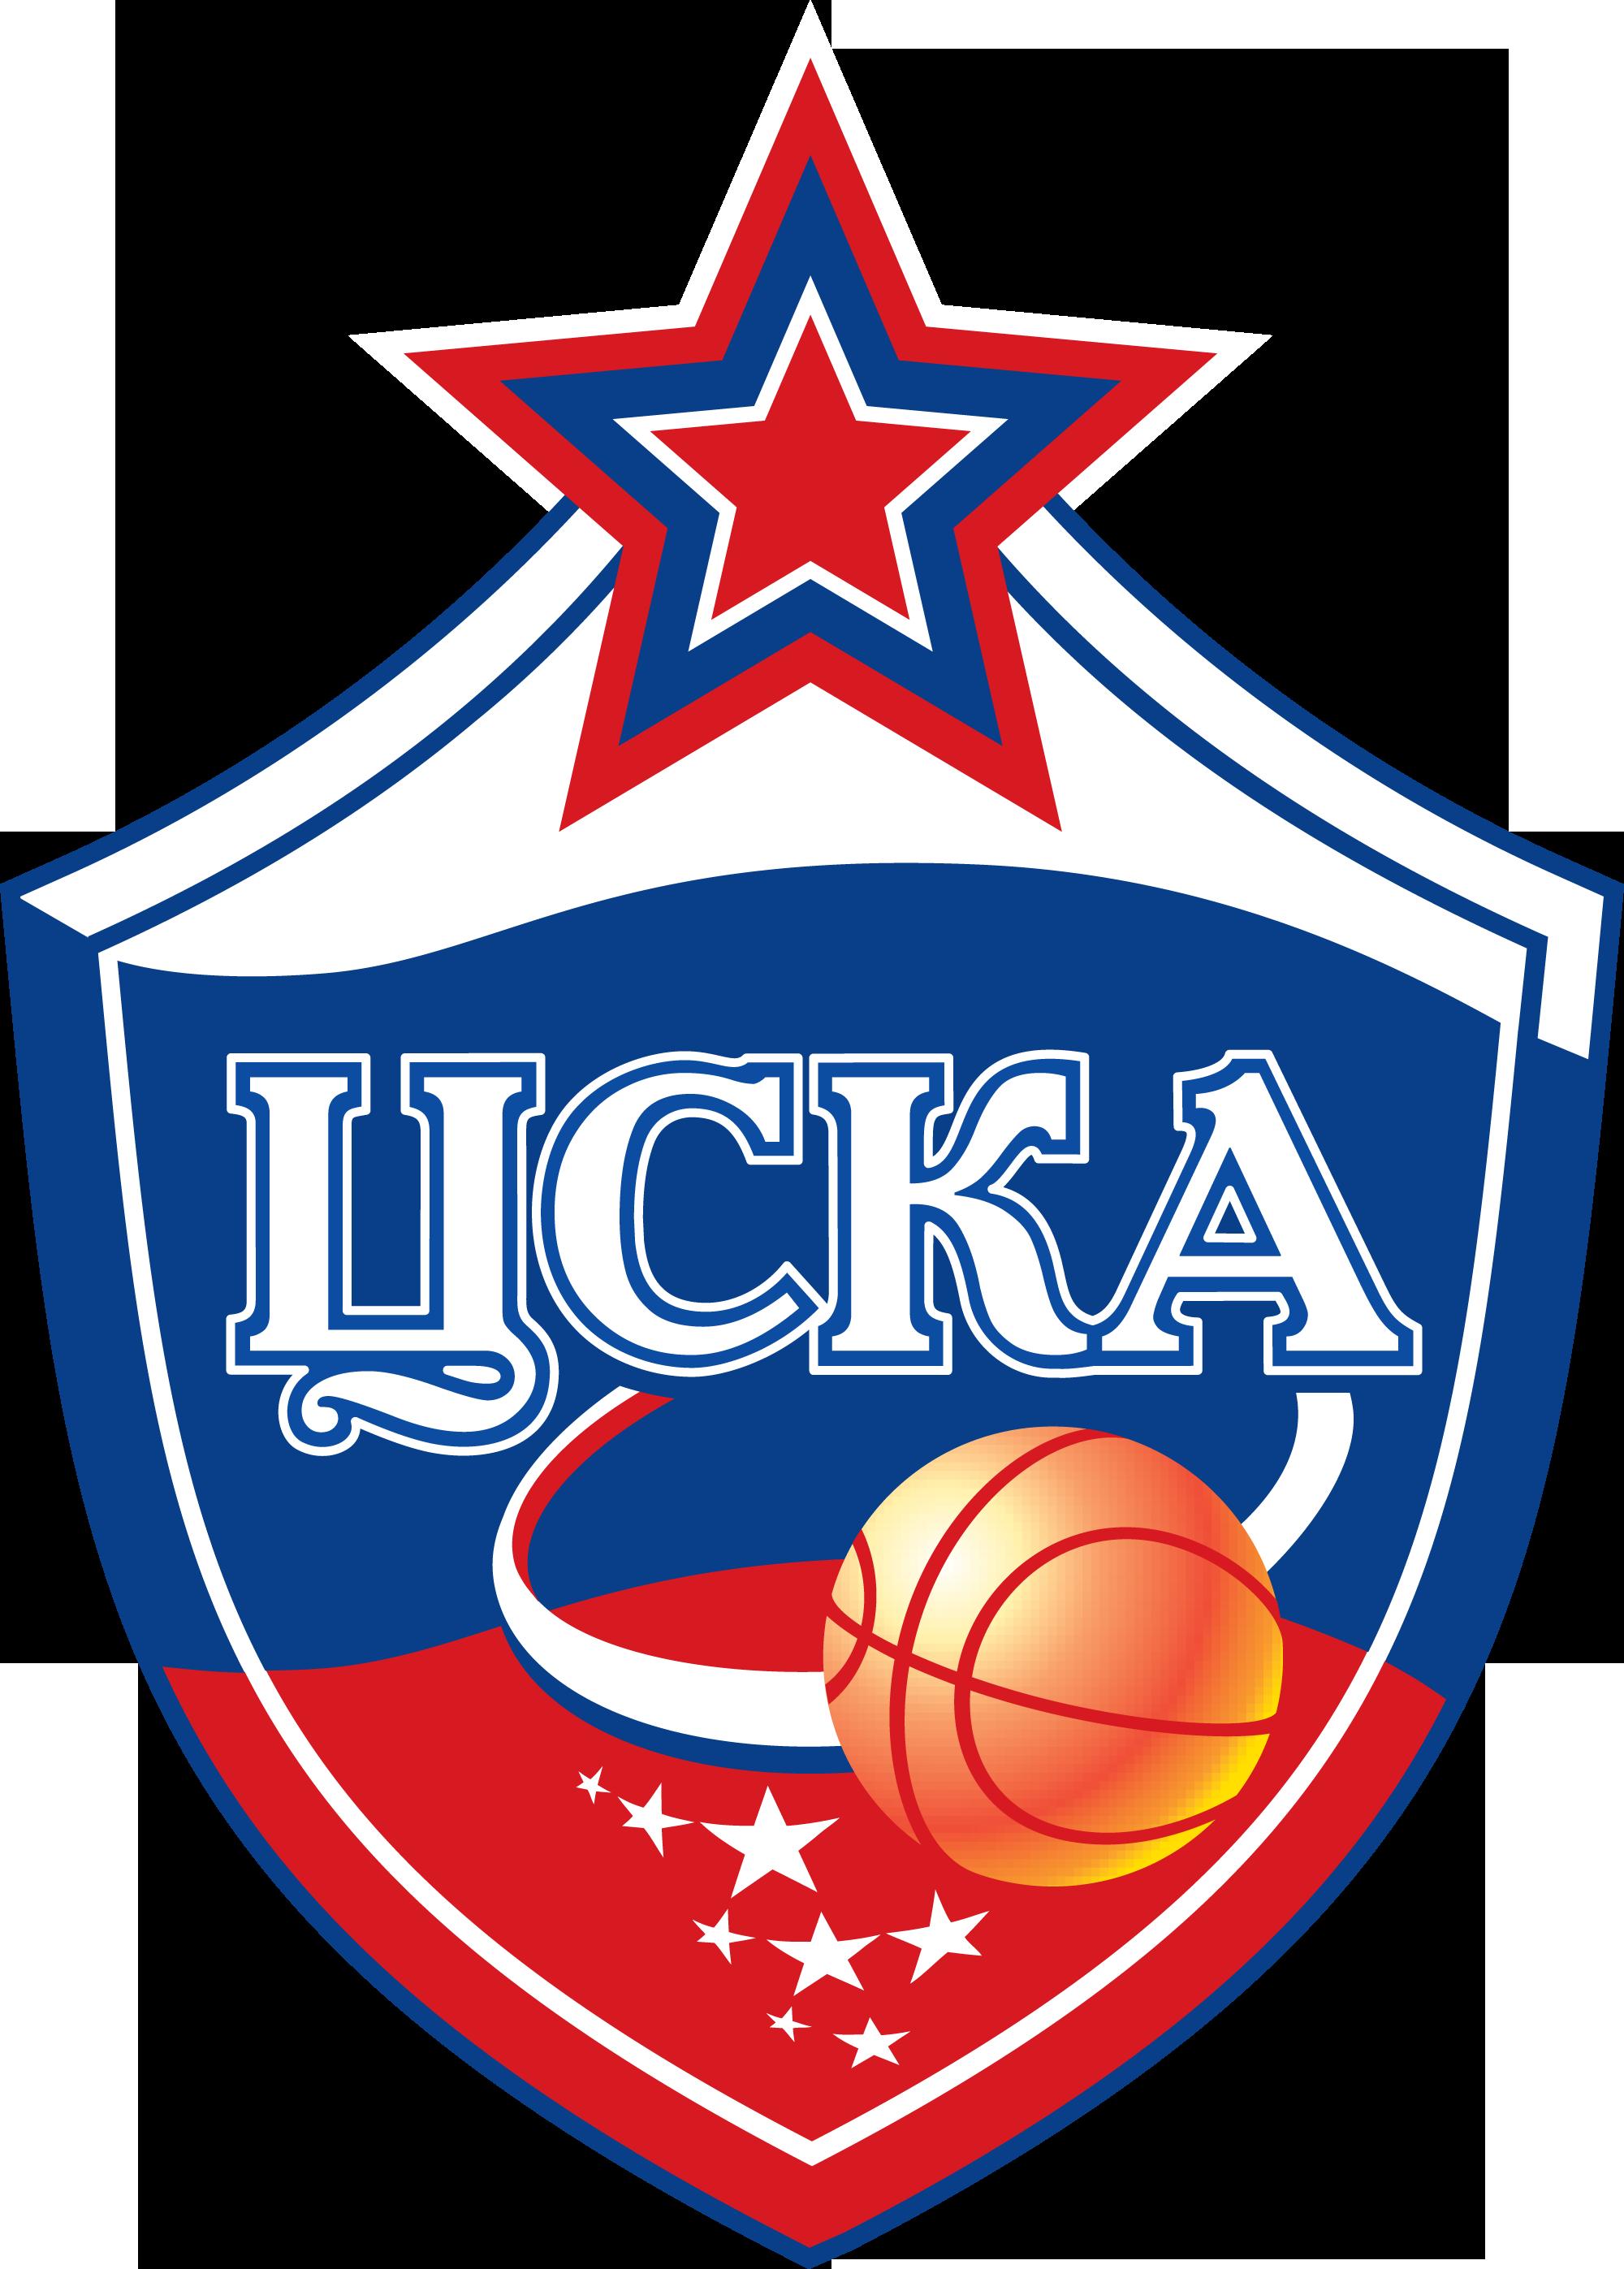 Эмблема и логотип баскетбольного клуба ЦСКА в векторе